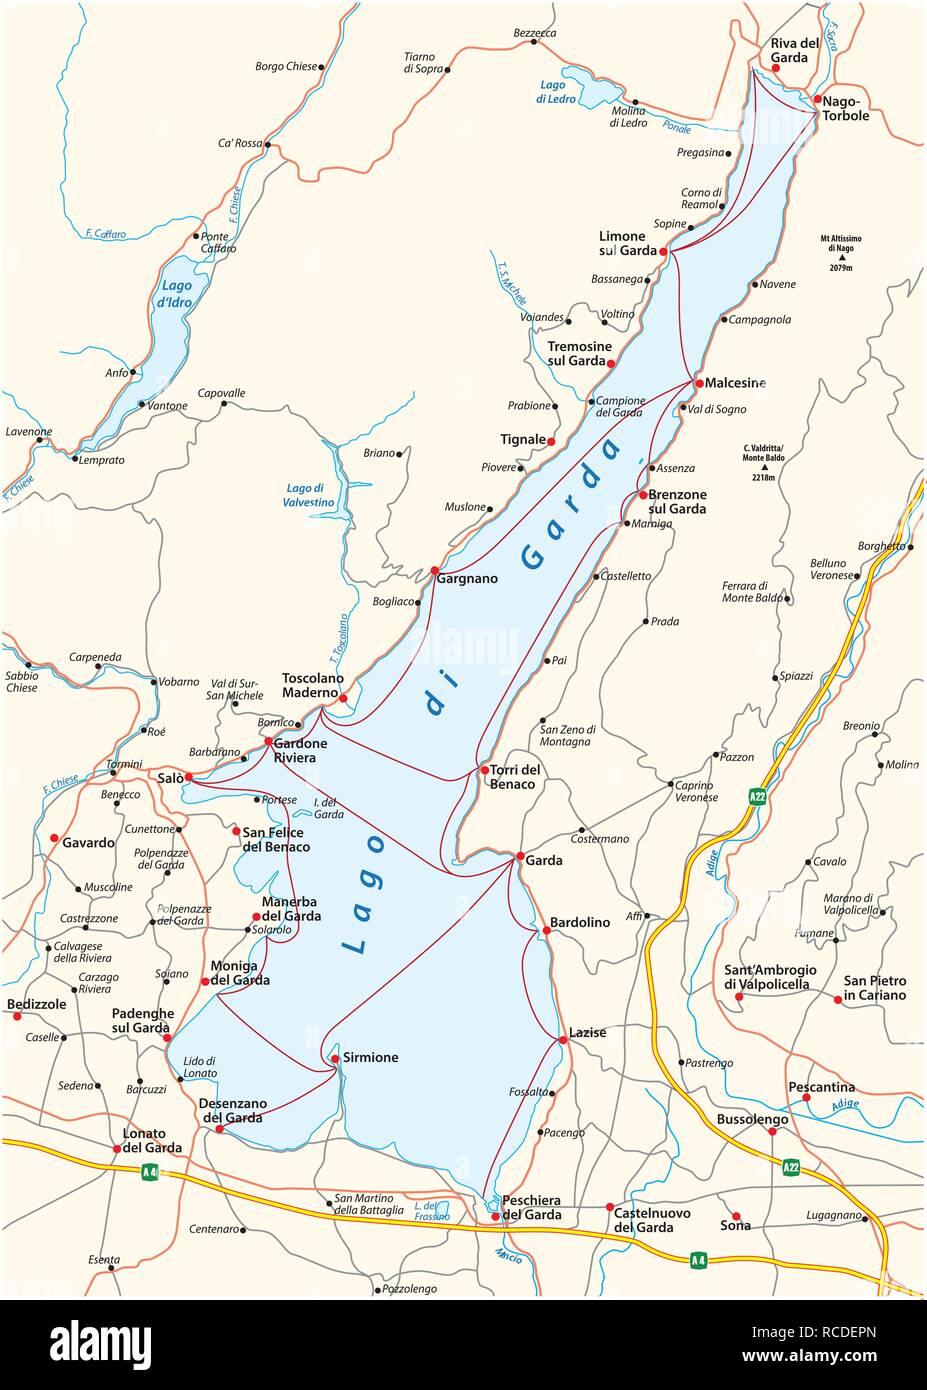 Lago Di Garda Cartina Geografica.Mappa Della Tomaia Italiano Lago Di Garda Italia Immagine E Vettoriale Alamy